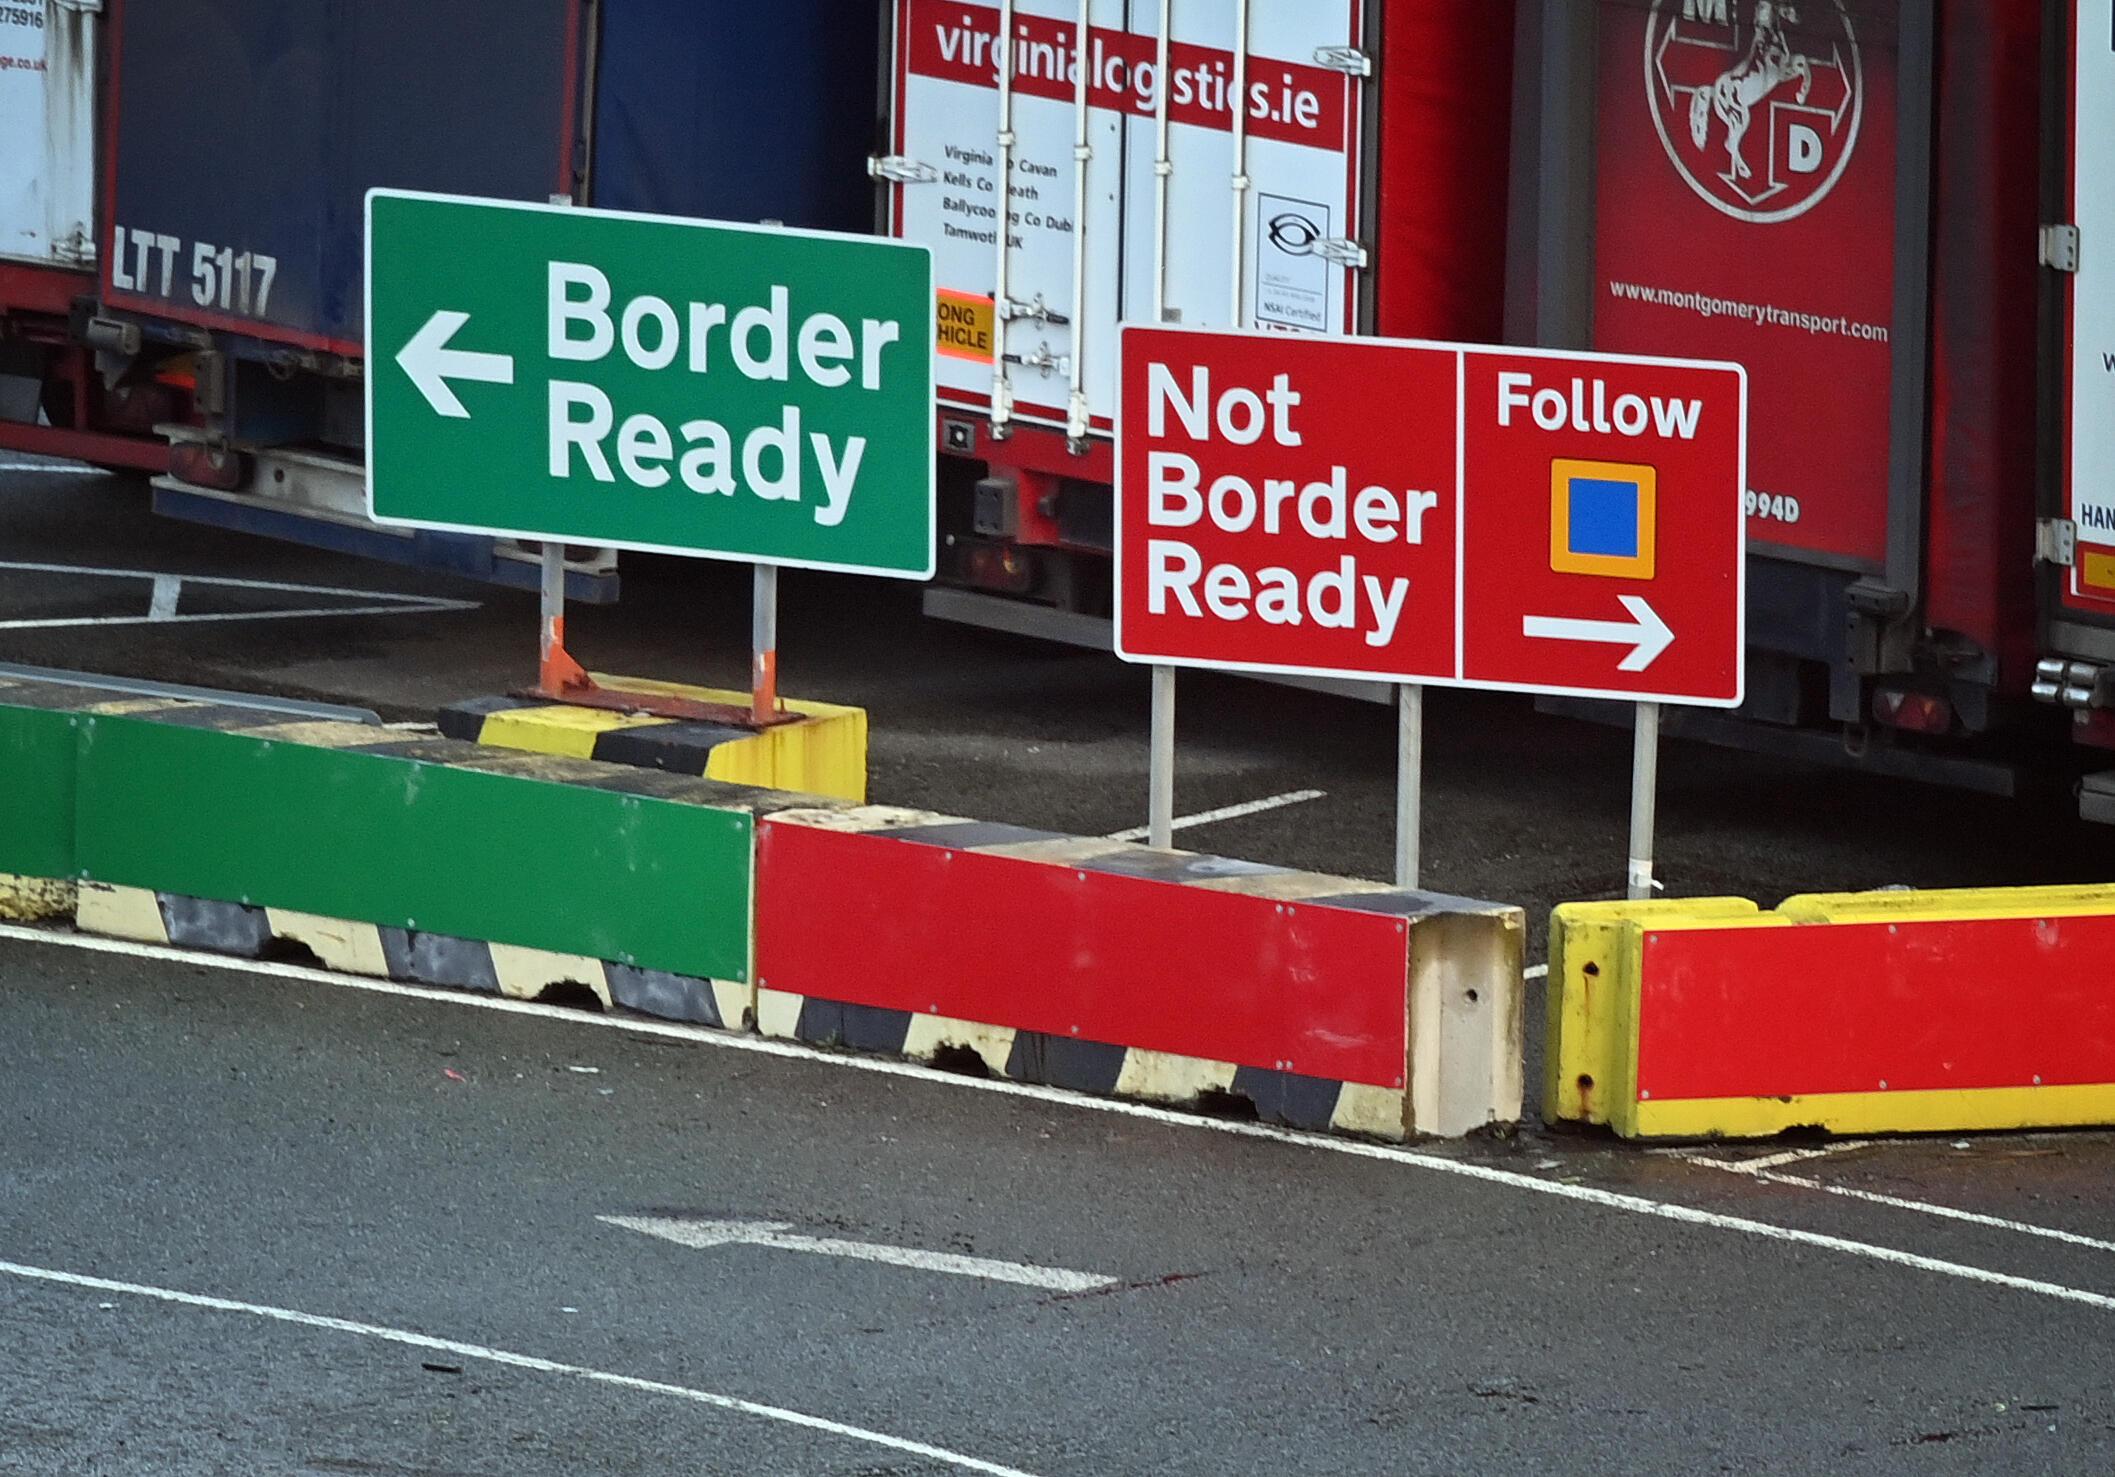 لافتات تشير إلى اعتماد المركبات اتجاها مختلفا إلى إيرلندا في منطقة تسجيل الوصول في ميناء هوليهيد في أنجلسي، شمال ويلز، في 2 يناير 2021، بعد خروج بريطانيا من الاتحاد الأوروبي